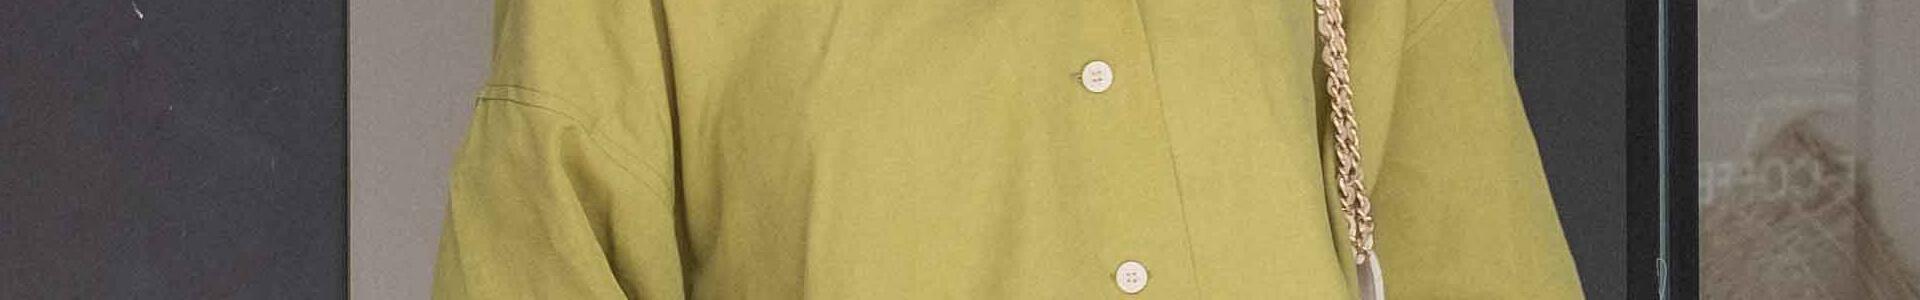 野暮ったくならない!緑色系オーバーサイズシャツでおしゃれさんになろう♪